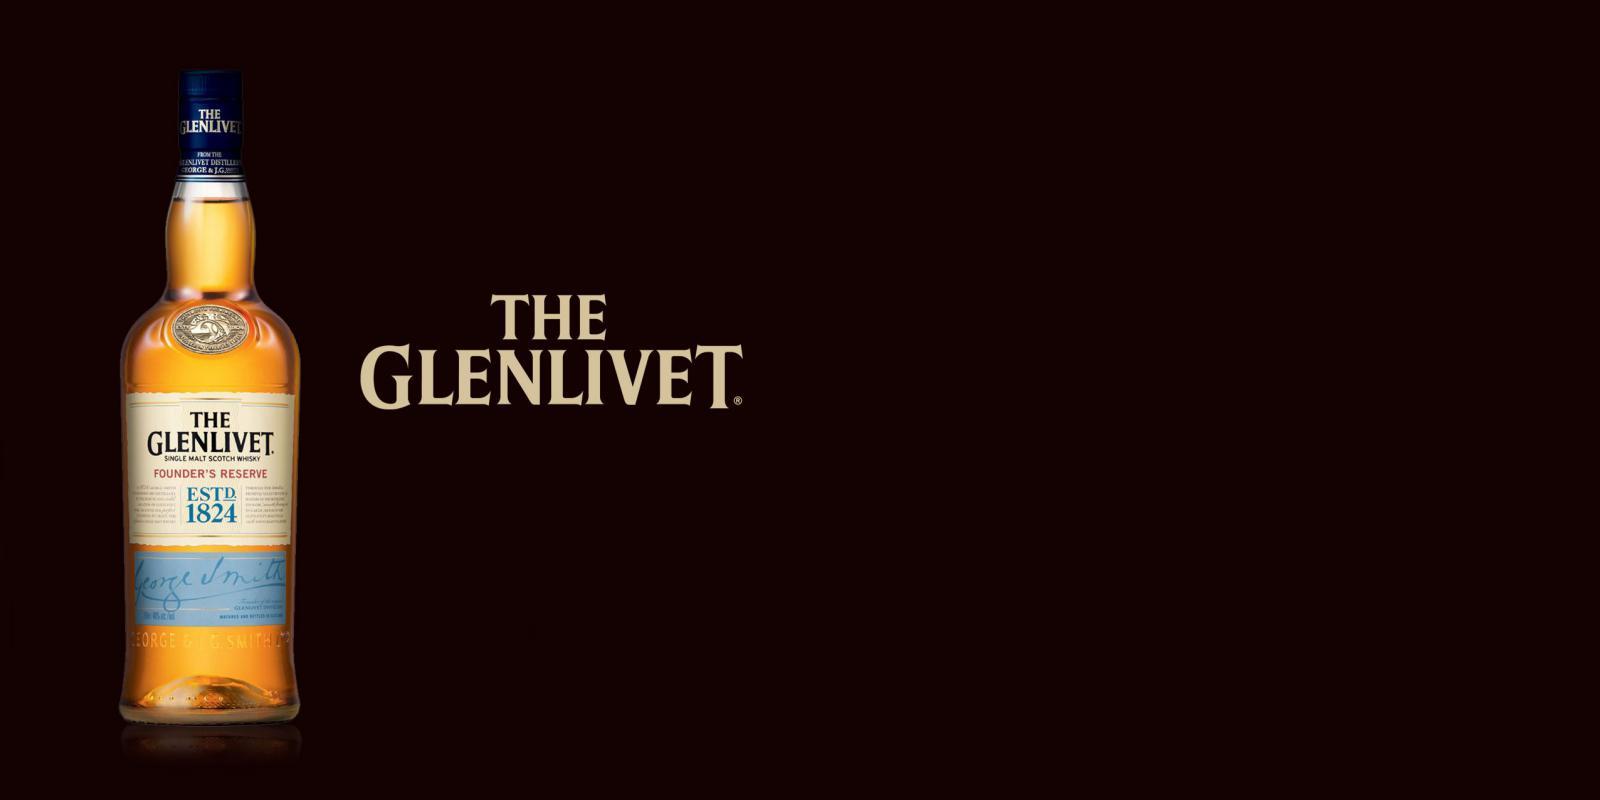 Image décrivant le produit The Glenlivet qui fait partie des Whiskies